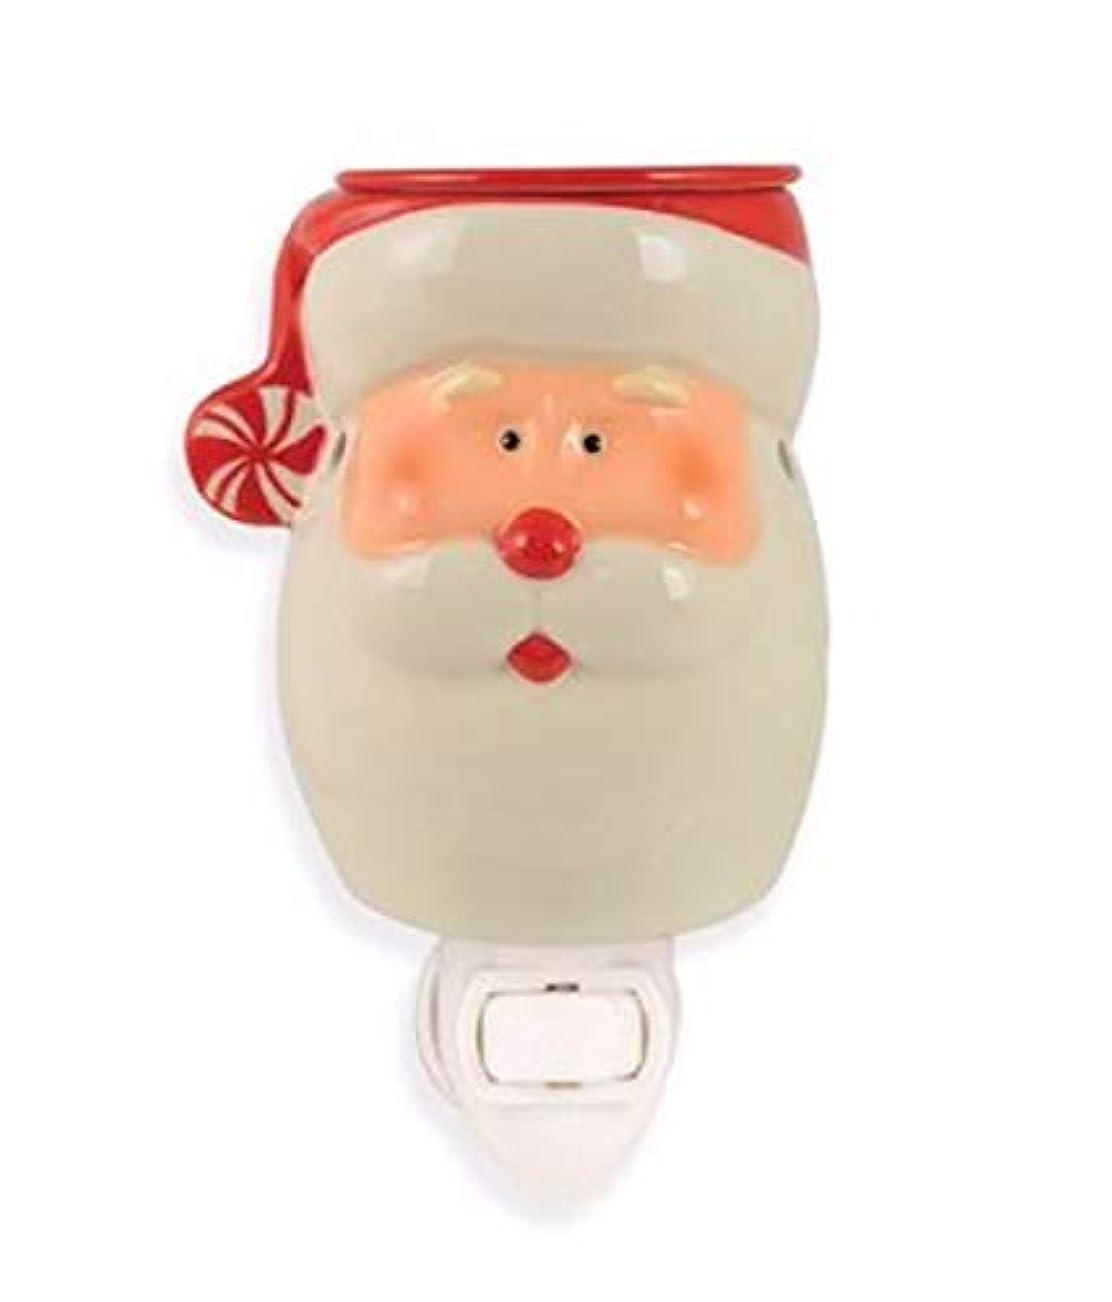 眉人工的な時々Tuscany キャンドル プラグイン サンタ ワックスウォーマー クリスマス ホリデー ホームデコレーション